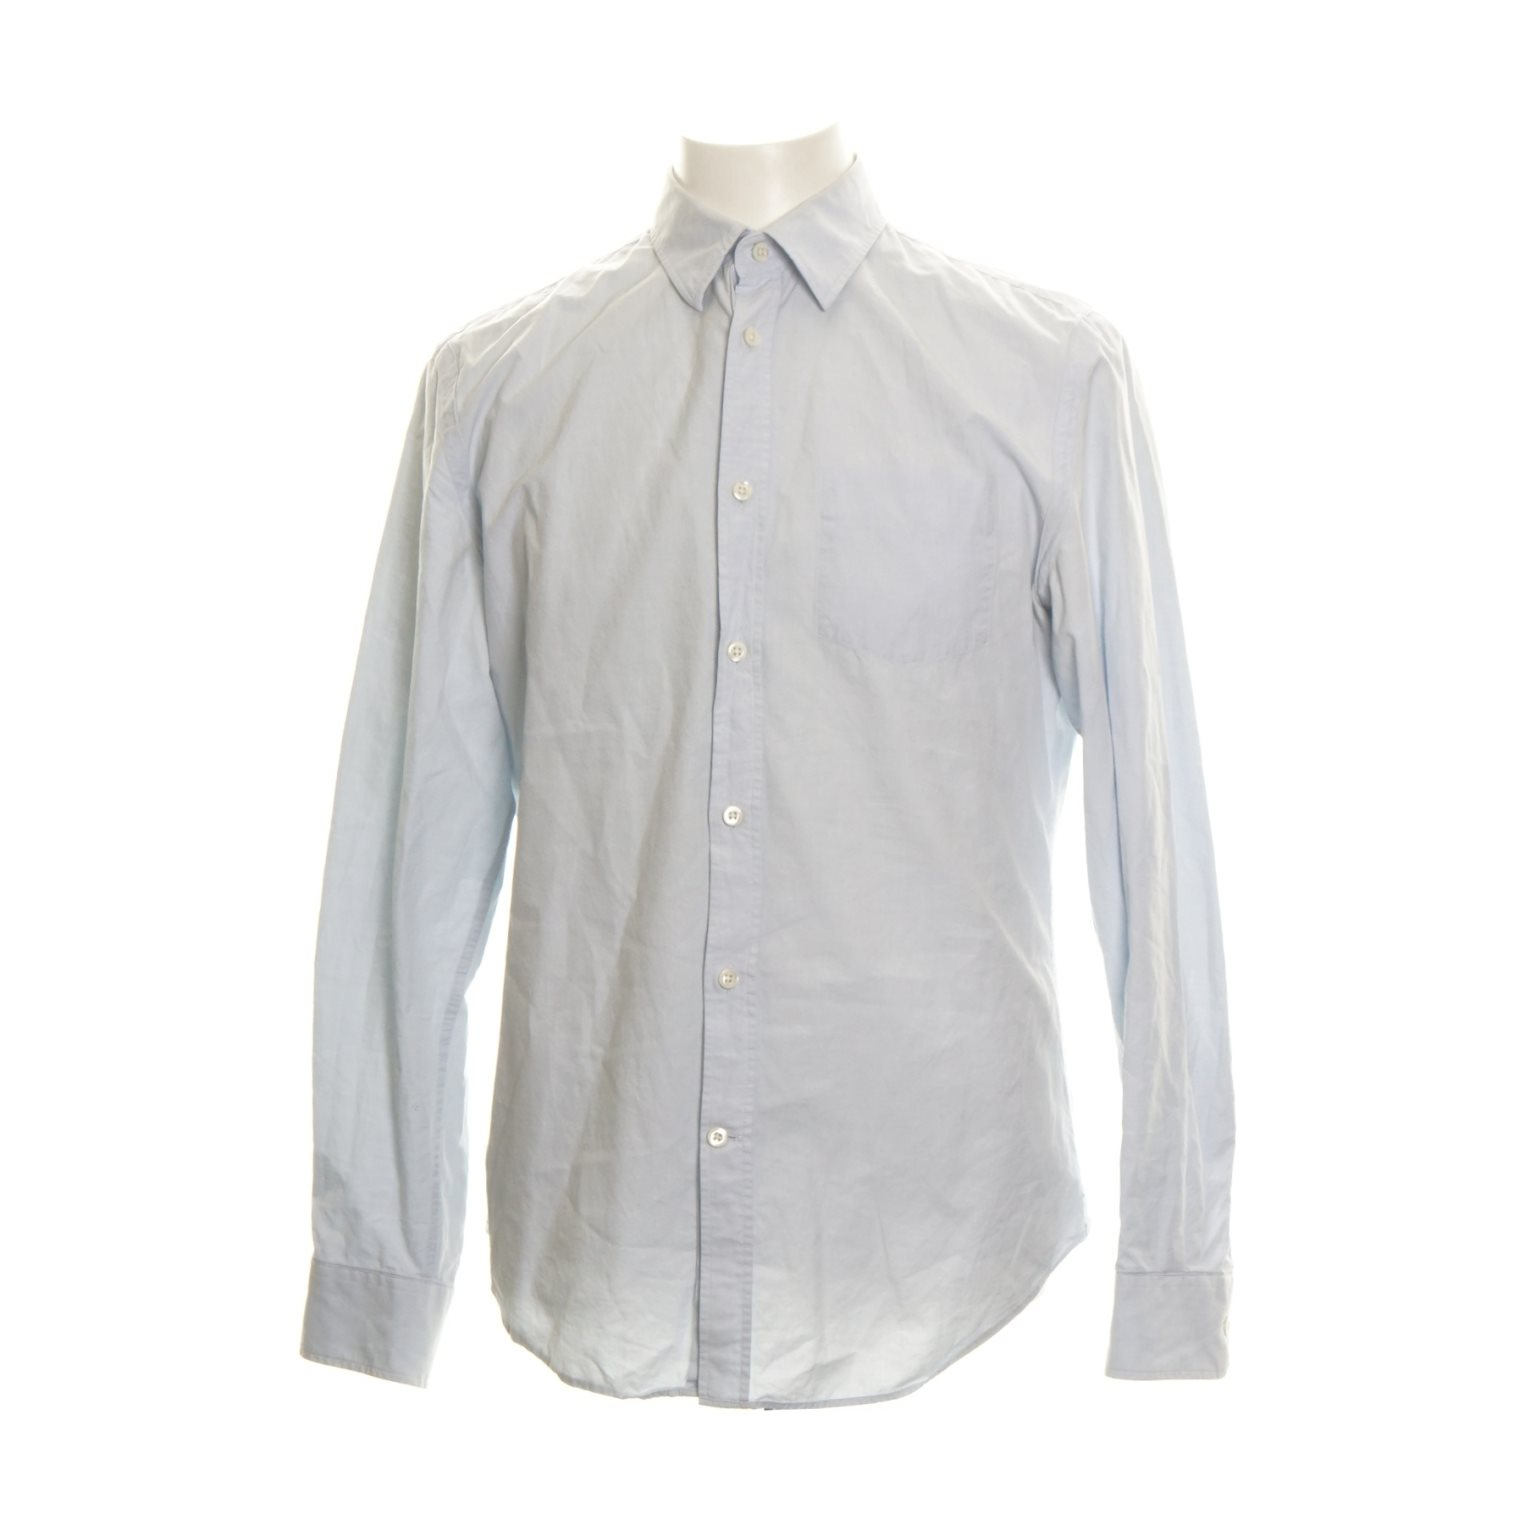 acne skjortor